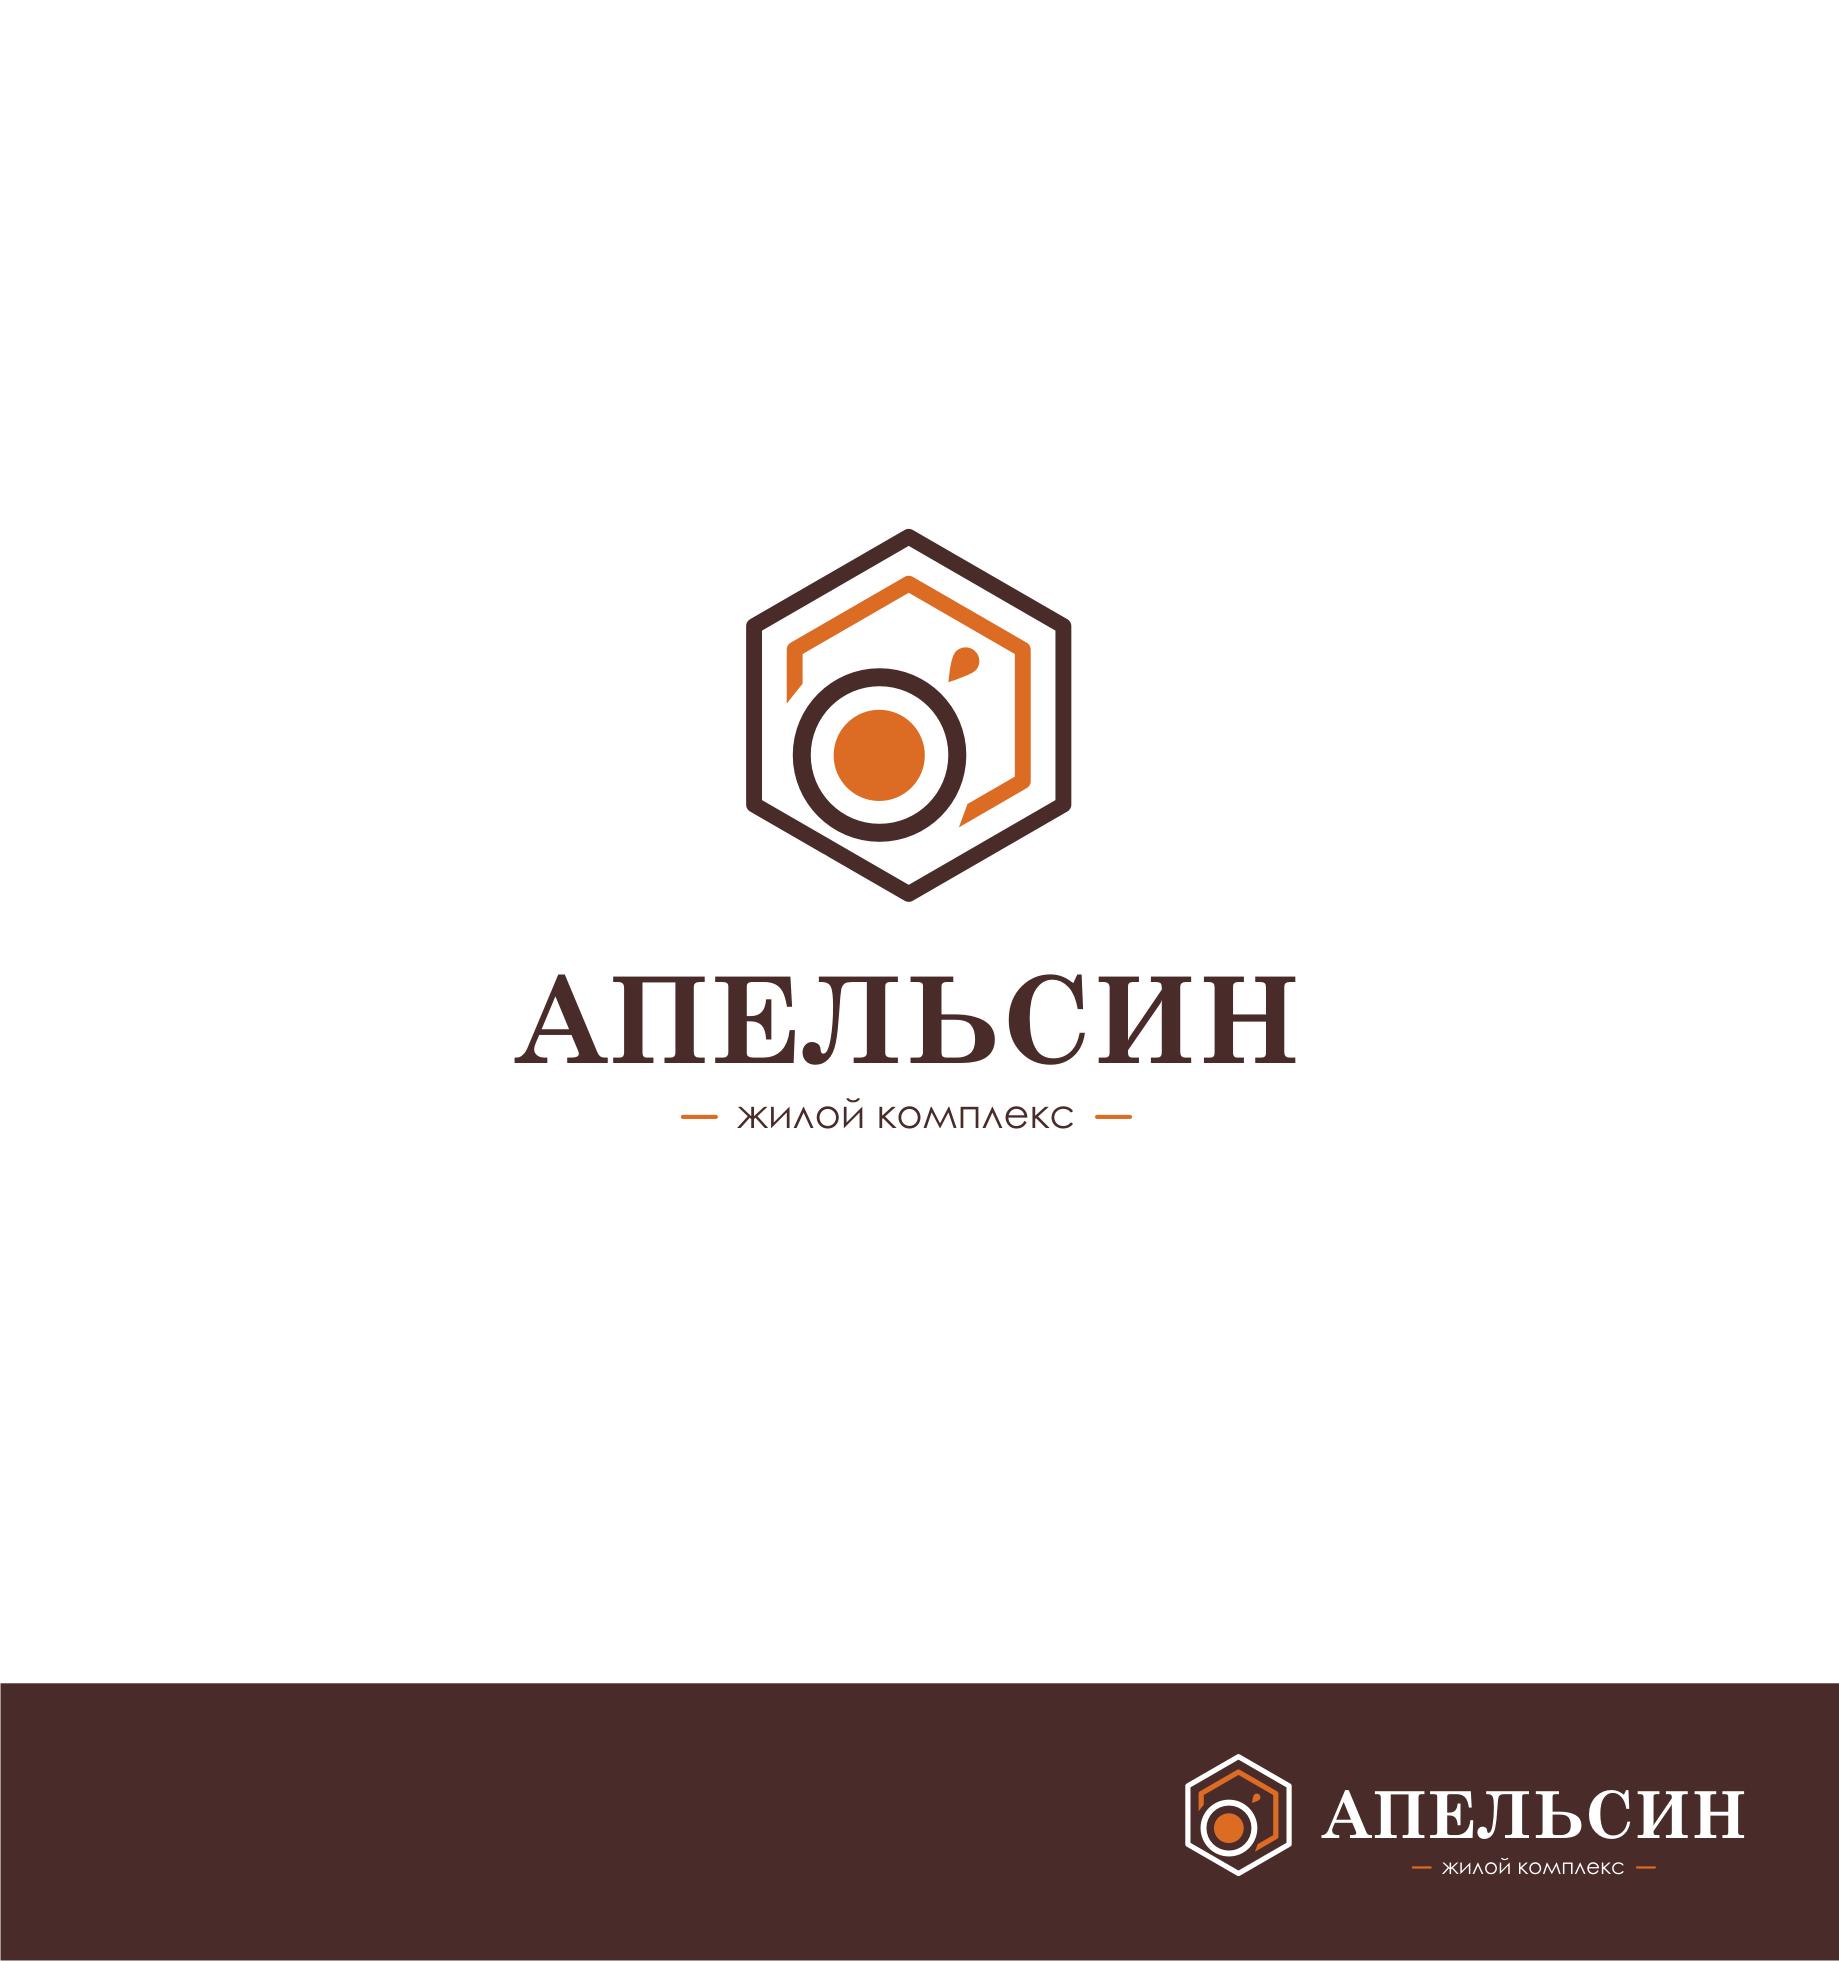 Логотип и фирменный стиль фото f_5175a66f4bb6ce48.png